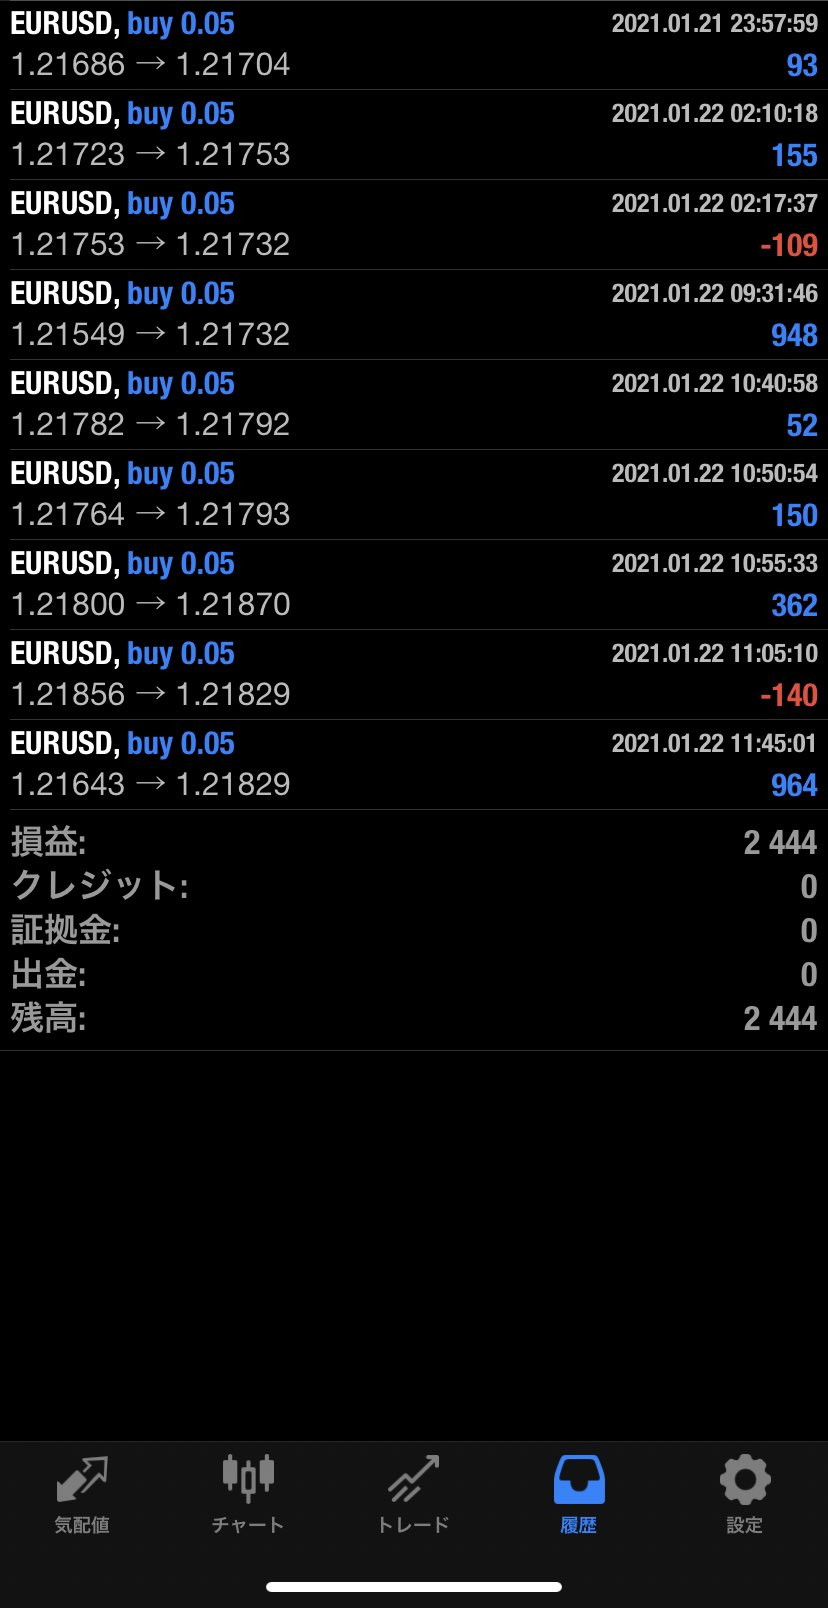 2021年1月22日 EUR/USDバージョン2,444円